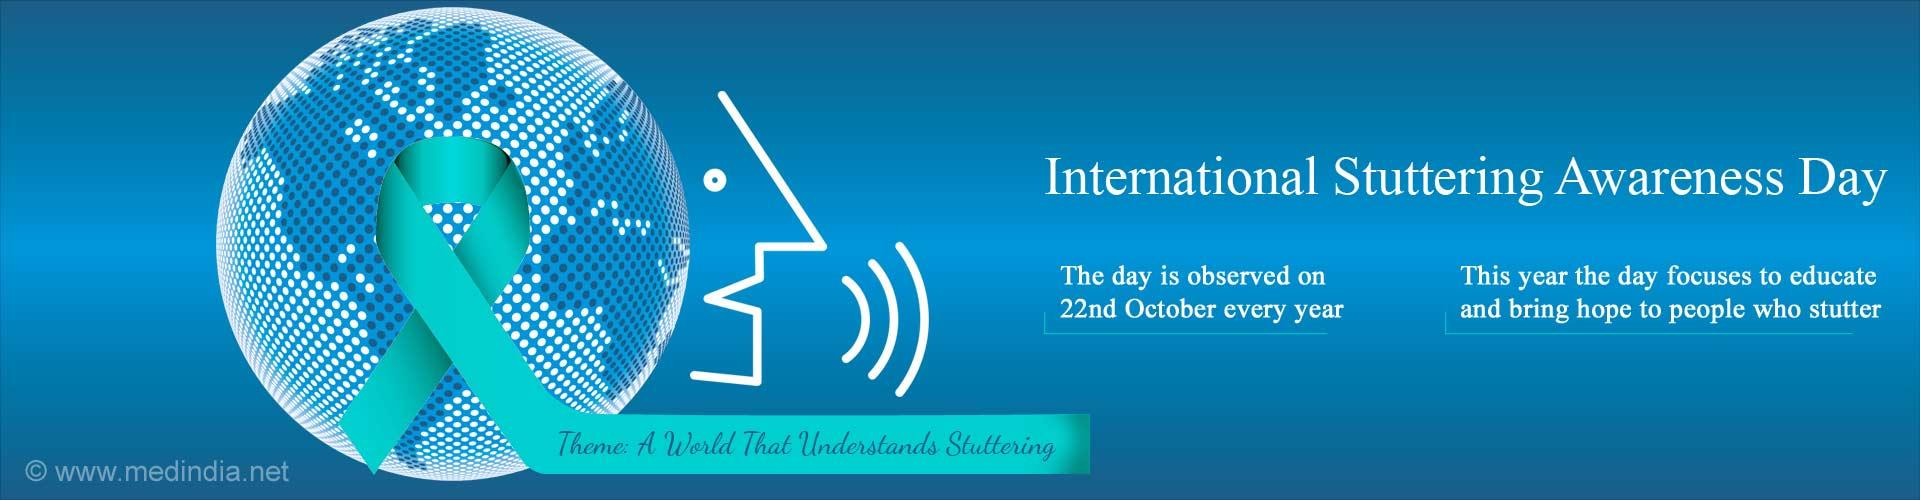 International Stuttering Awareness Day -